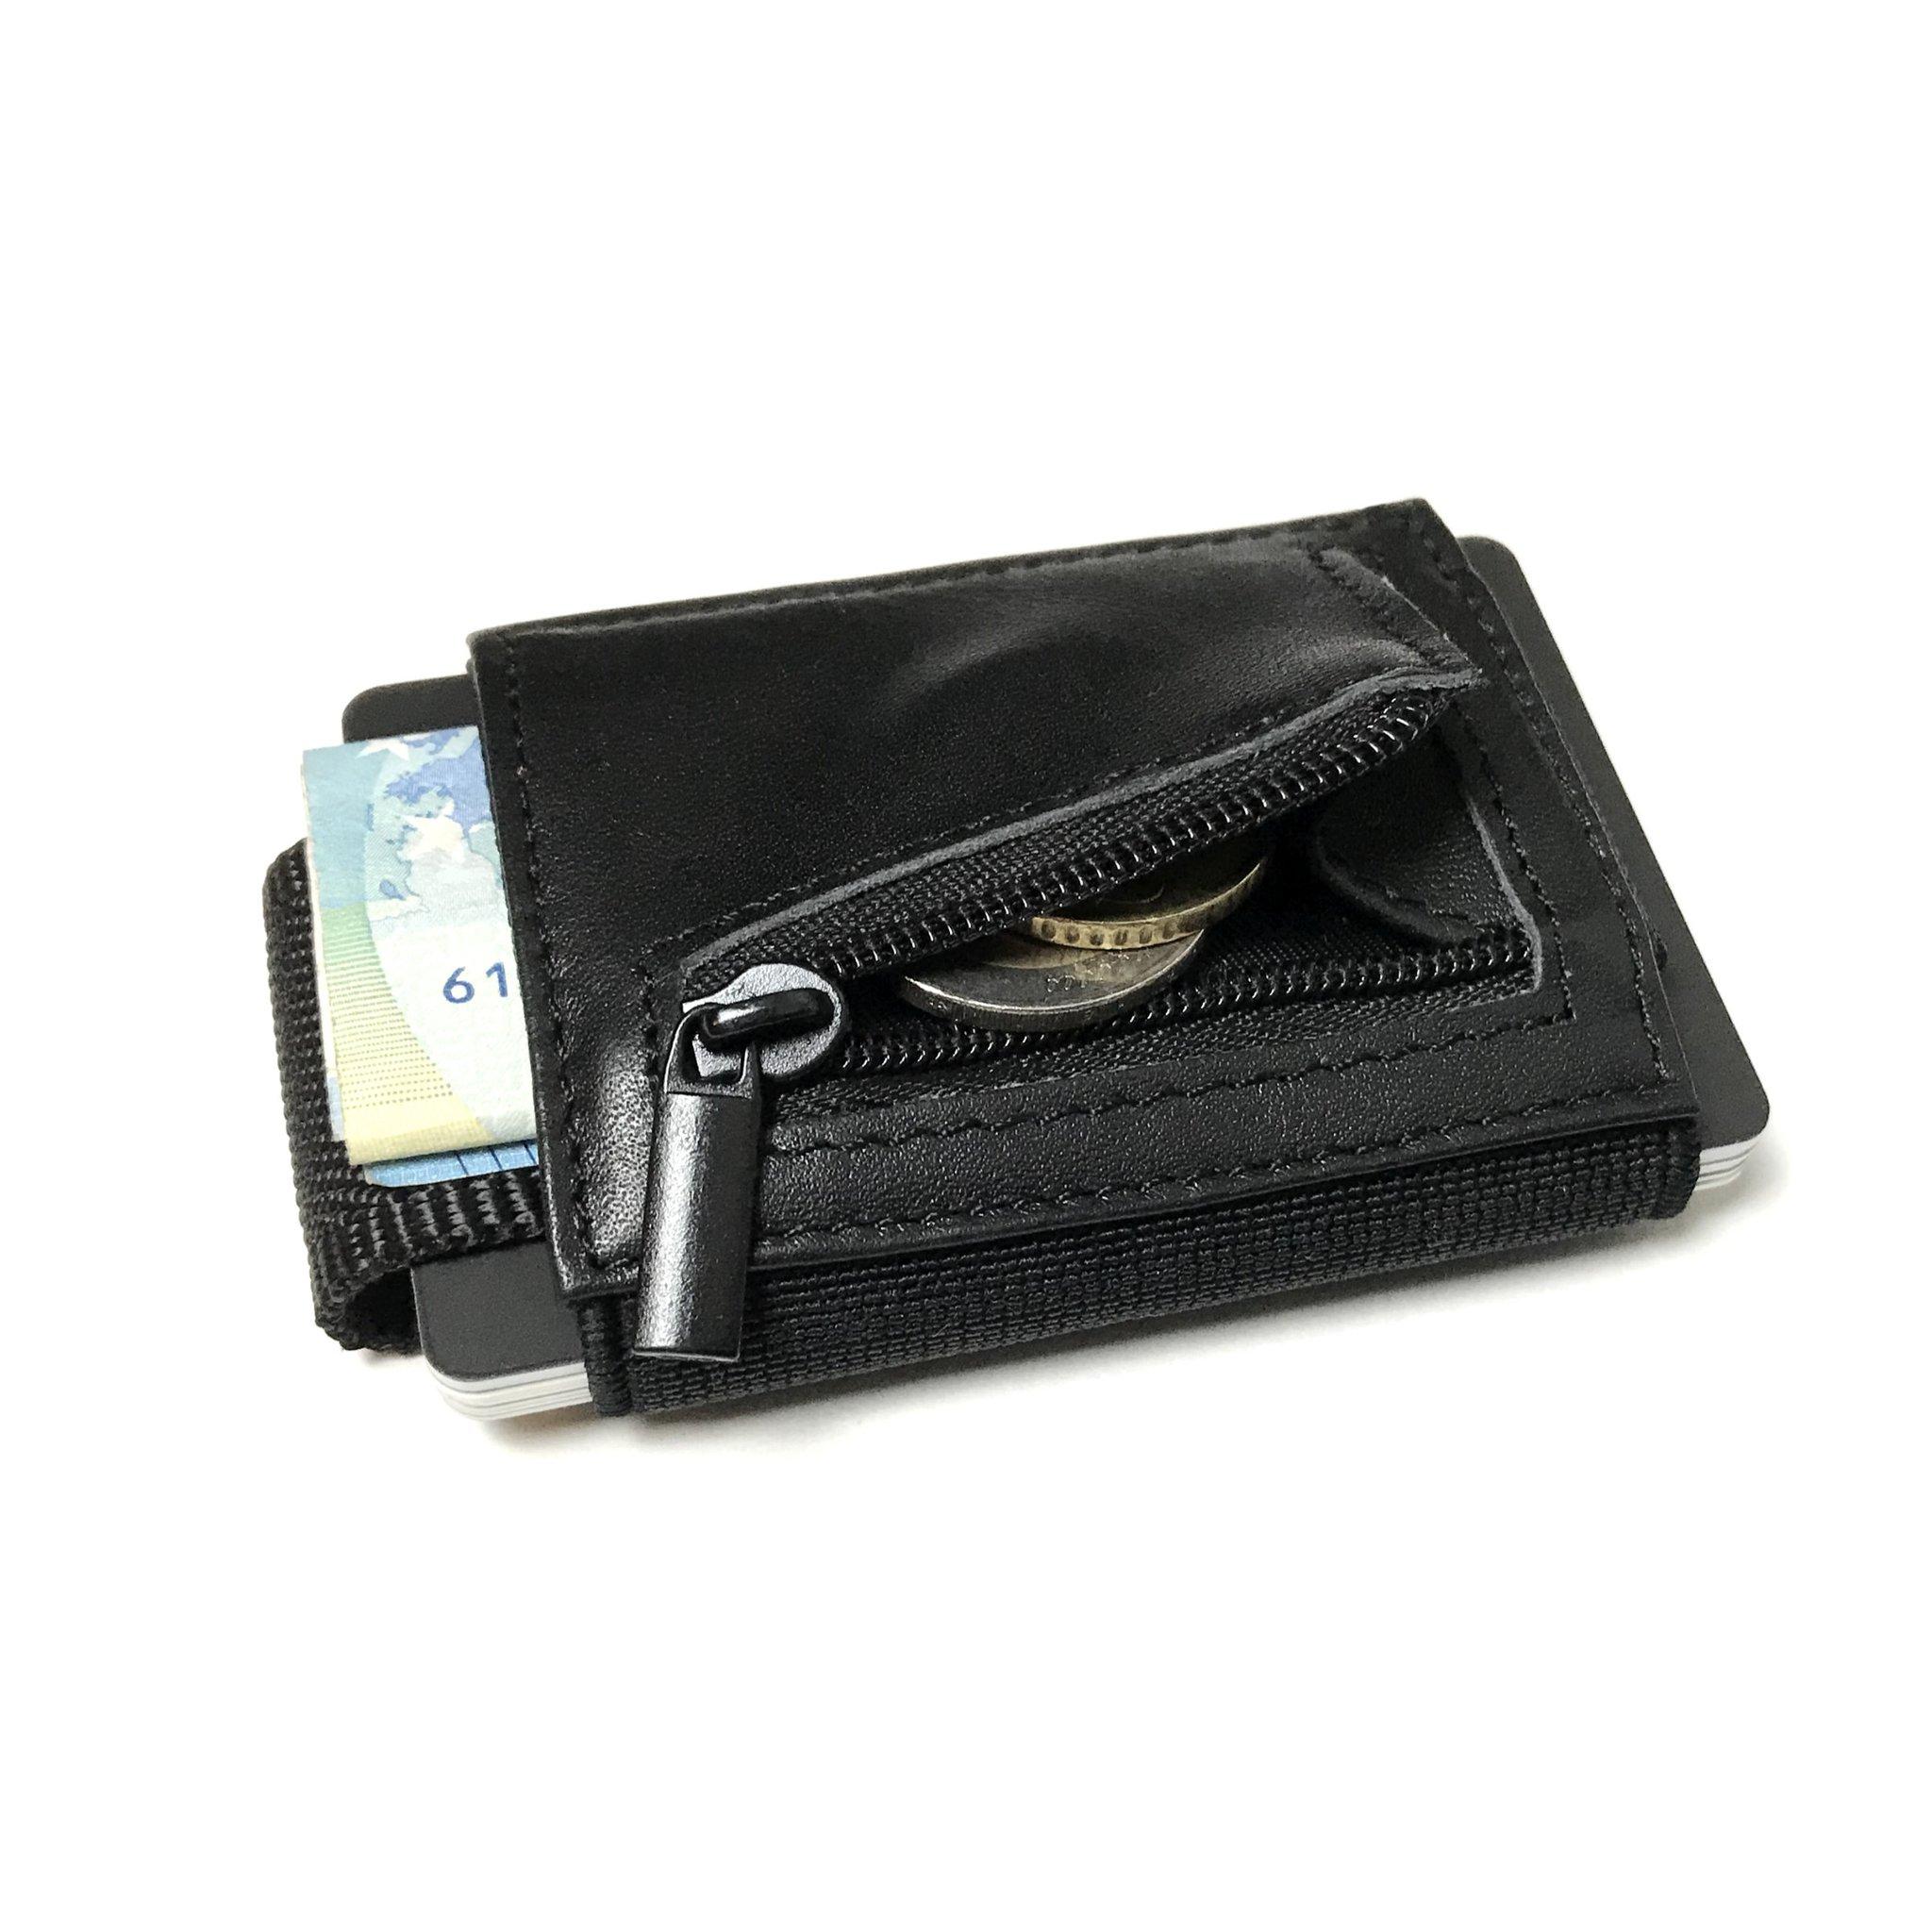 25% AUF ALLES - Mini Kreditkartenetui mit Rfid Schutz + Geschenkbox